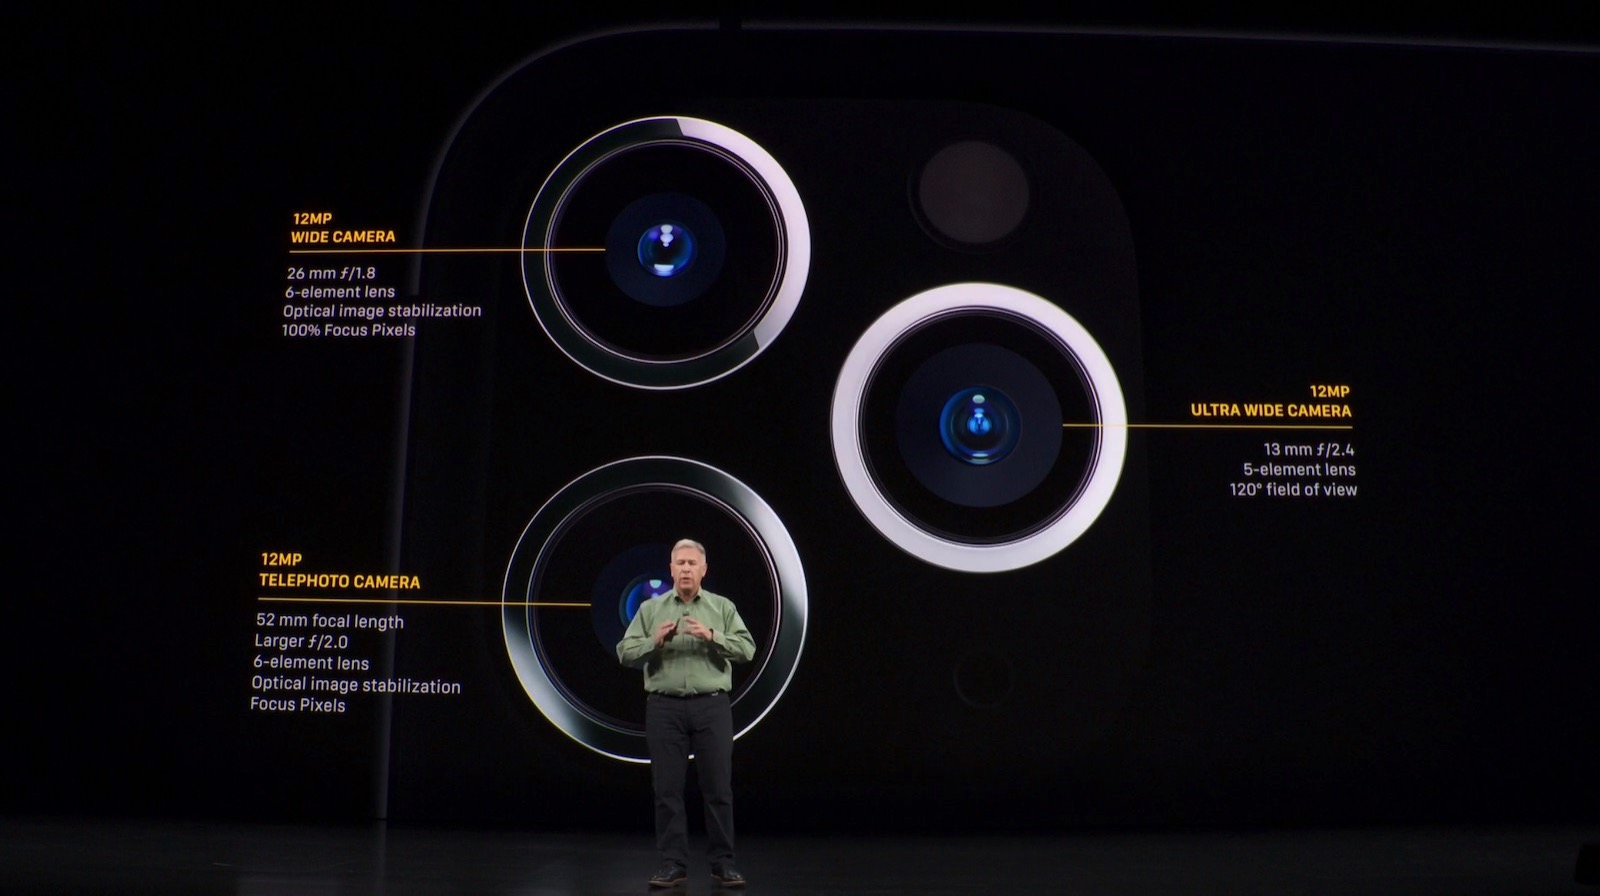 iphone-11-pro-camera.jpg